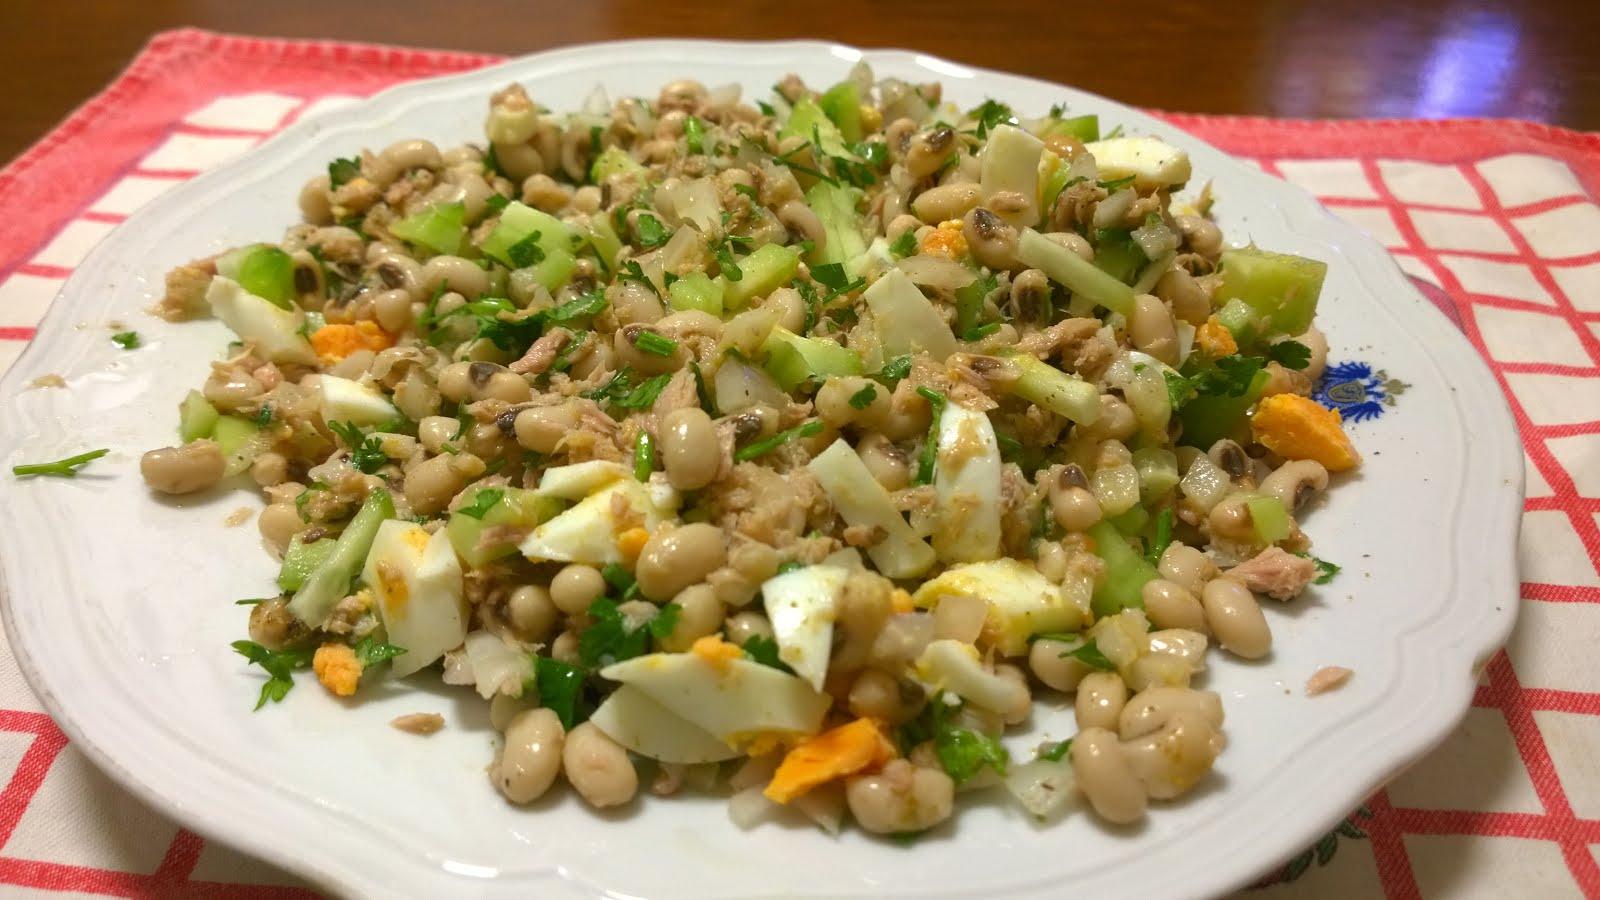 Guloso qb: Salada de feijão frade com atum e pepino